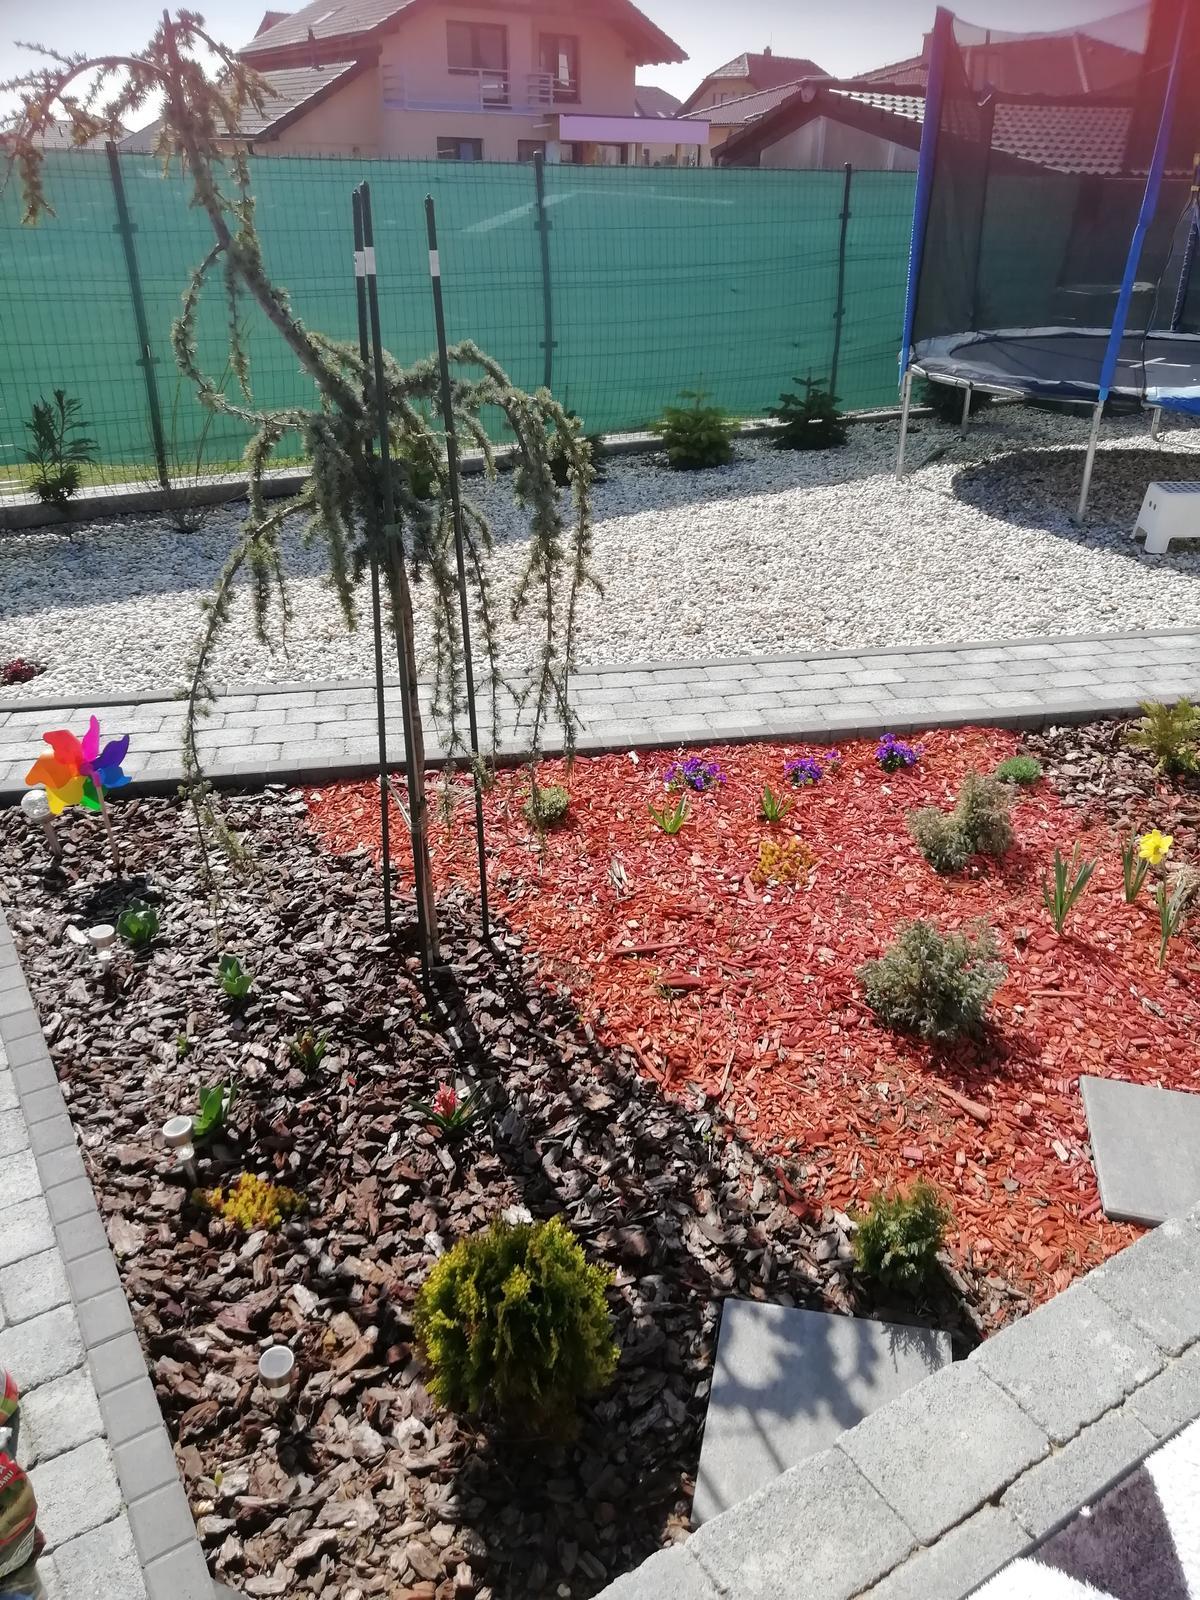 Záhradka 2019/20 bývame 4 a 5 rok :-) - Pohľad z terasy pri kávičke